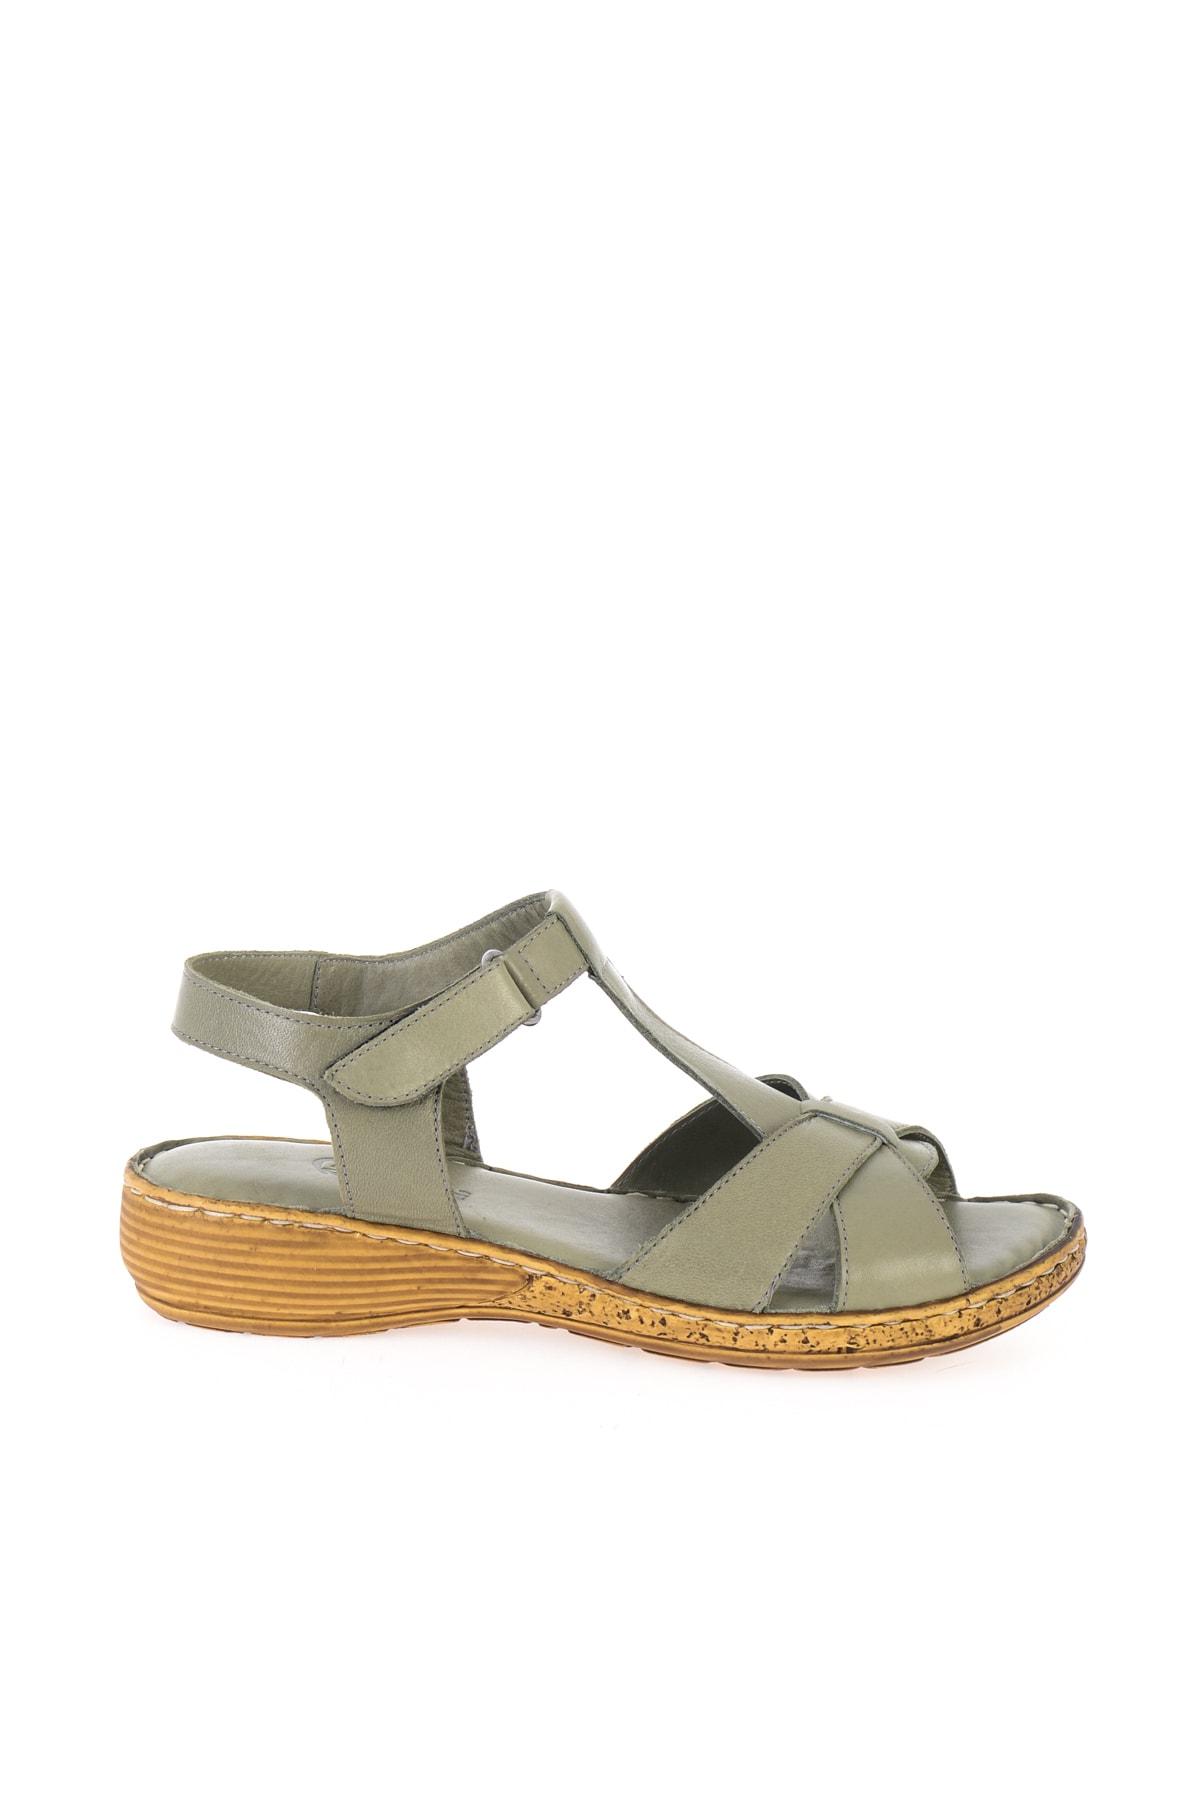 Bambi Hakiki Deri Haki Kadın Sandalet K05809926803 2